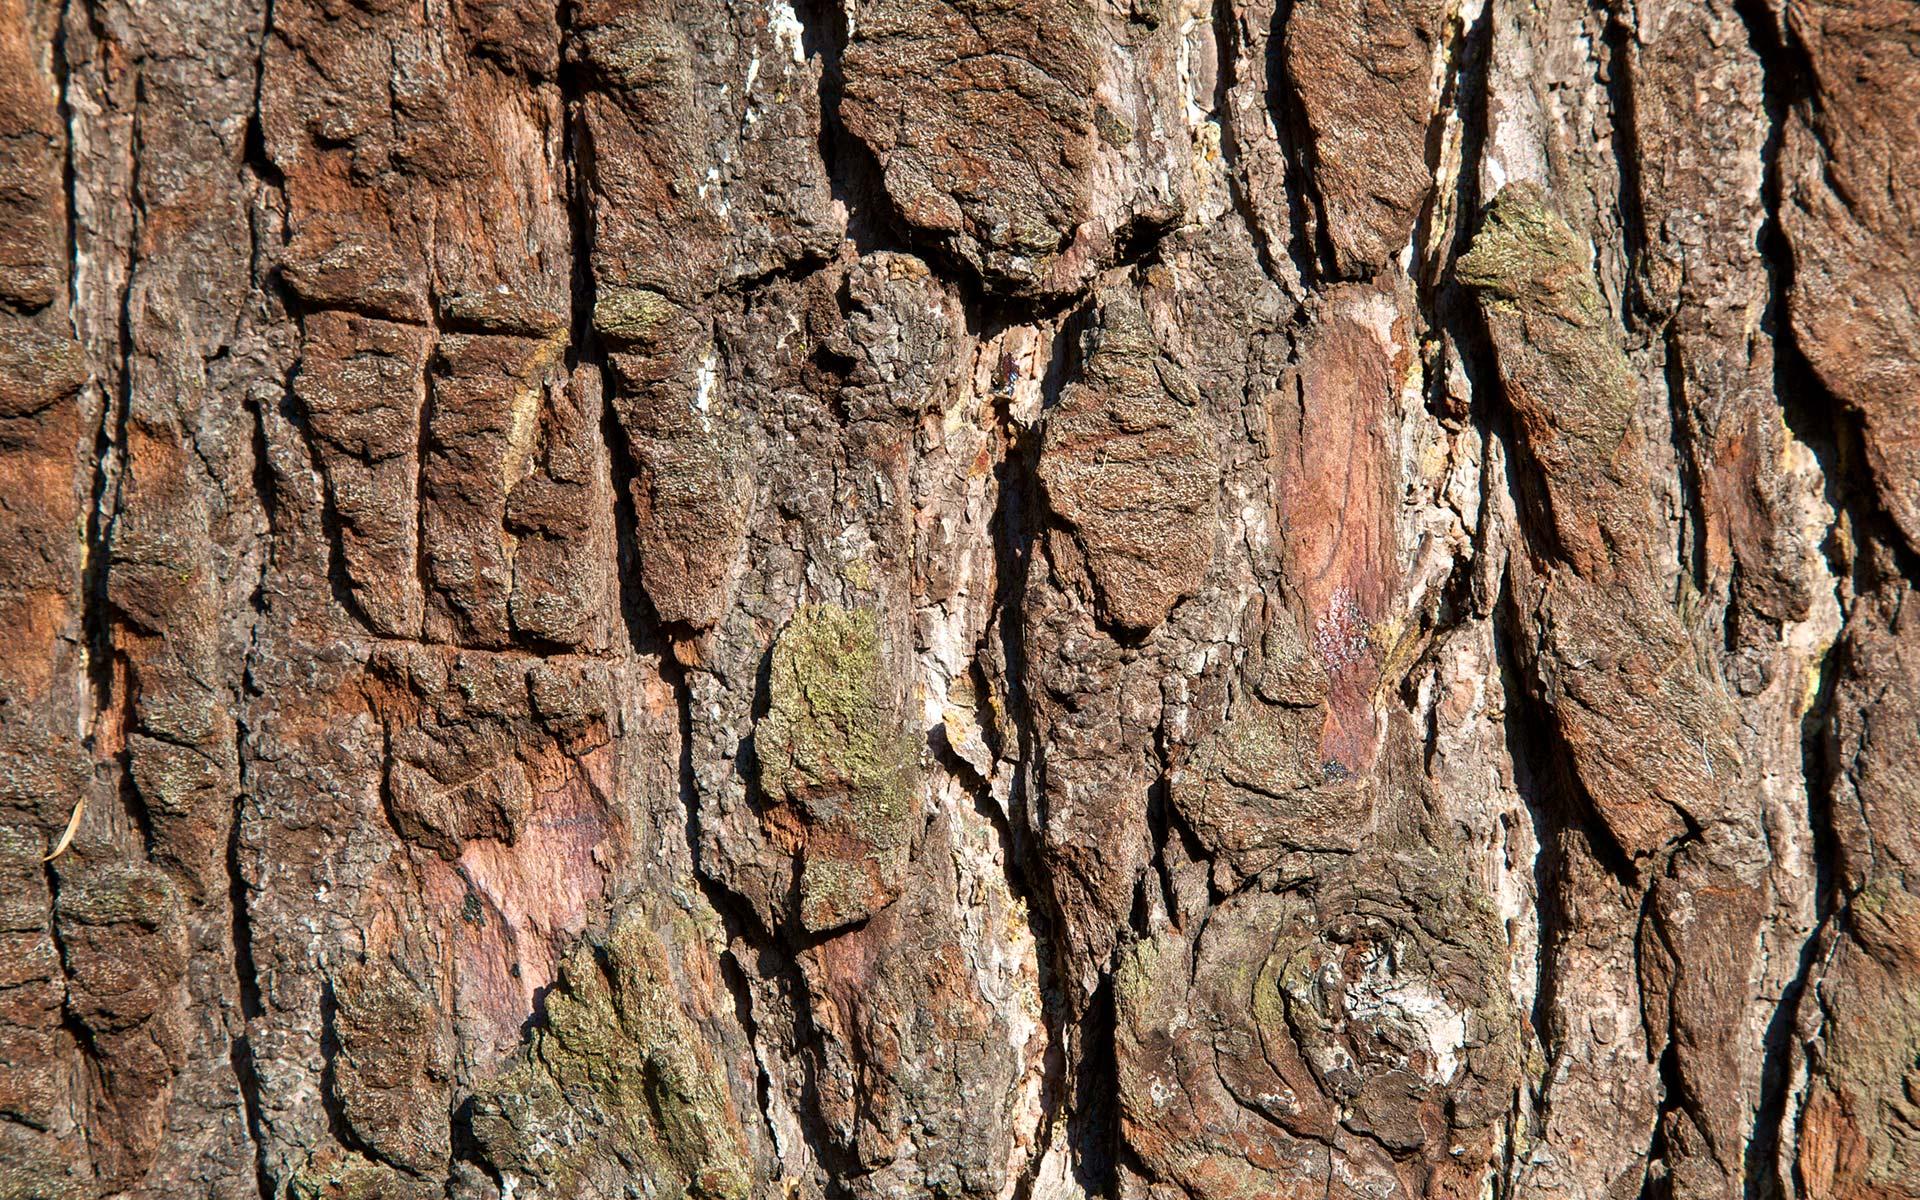 Tree Bark Desktop Wallpaper 49763 1920x1200 px ~ HDWallSource.com